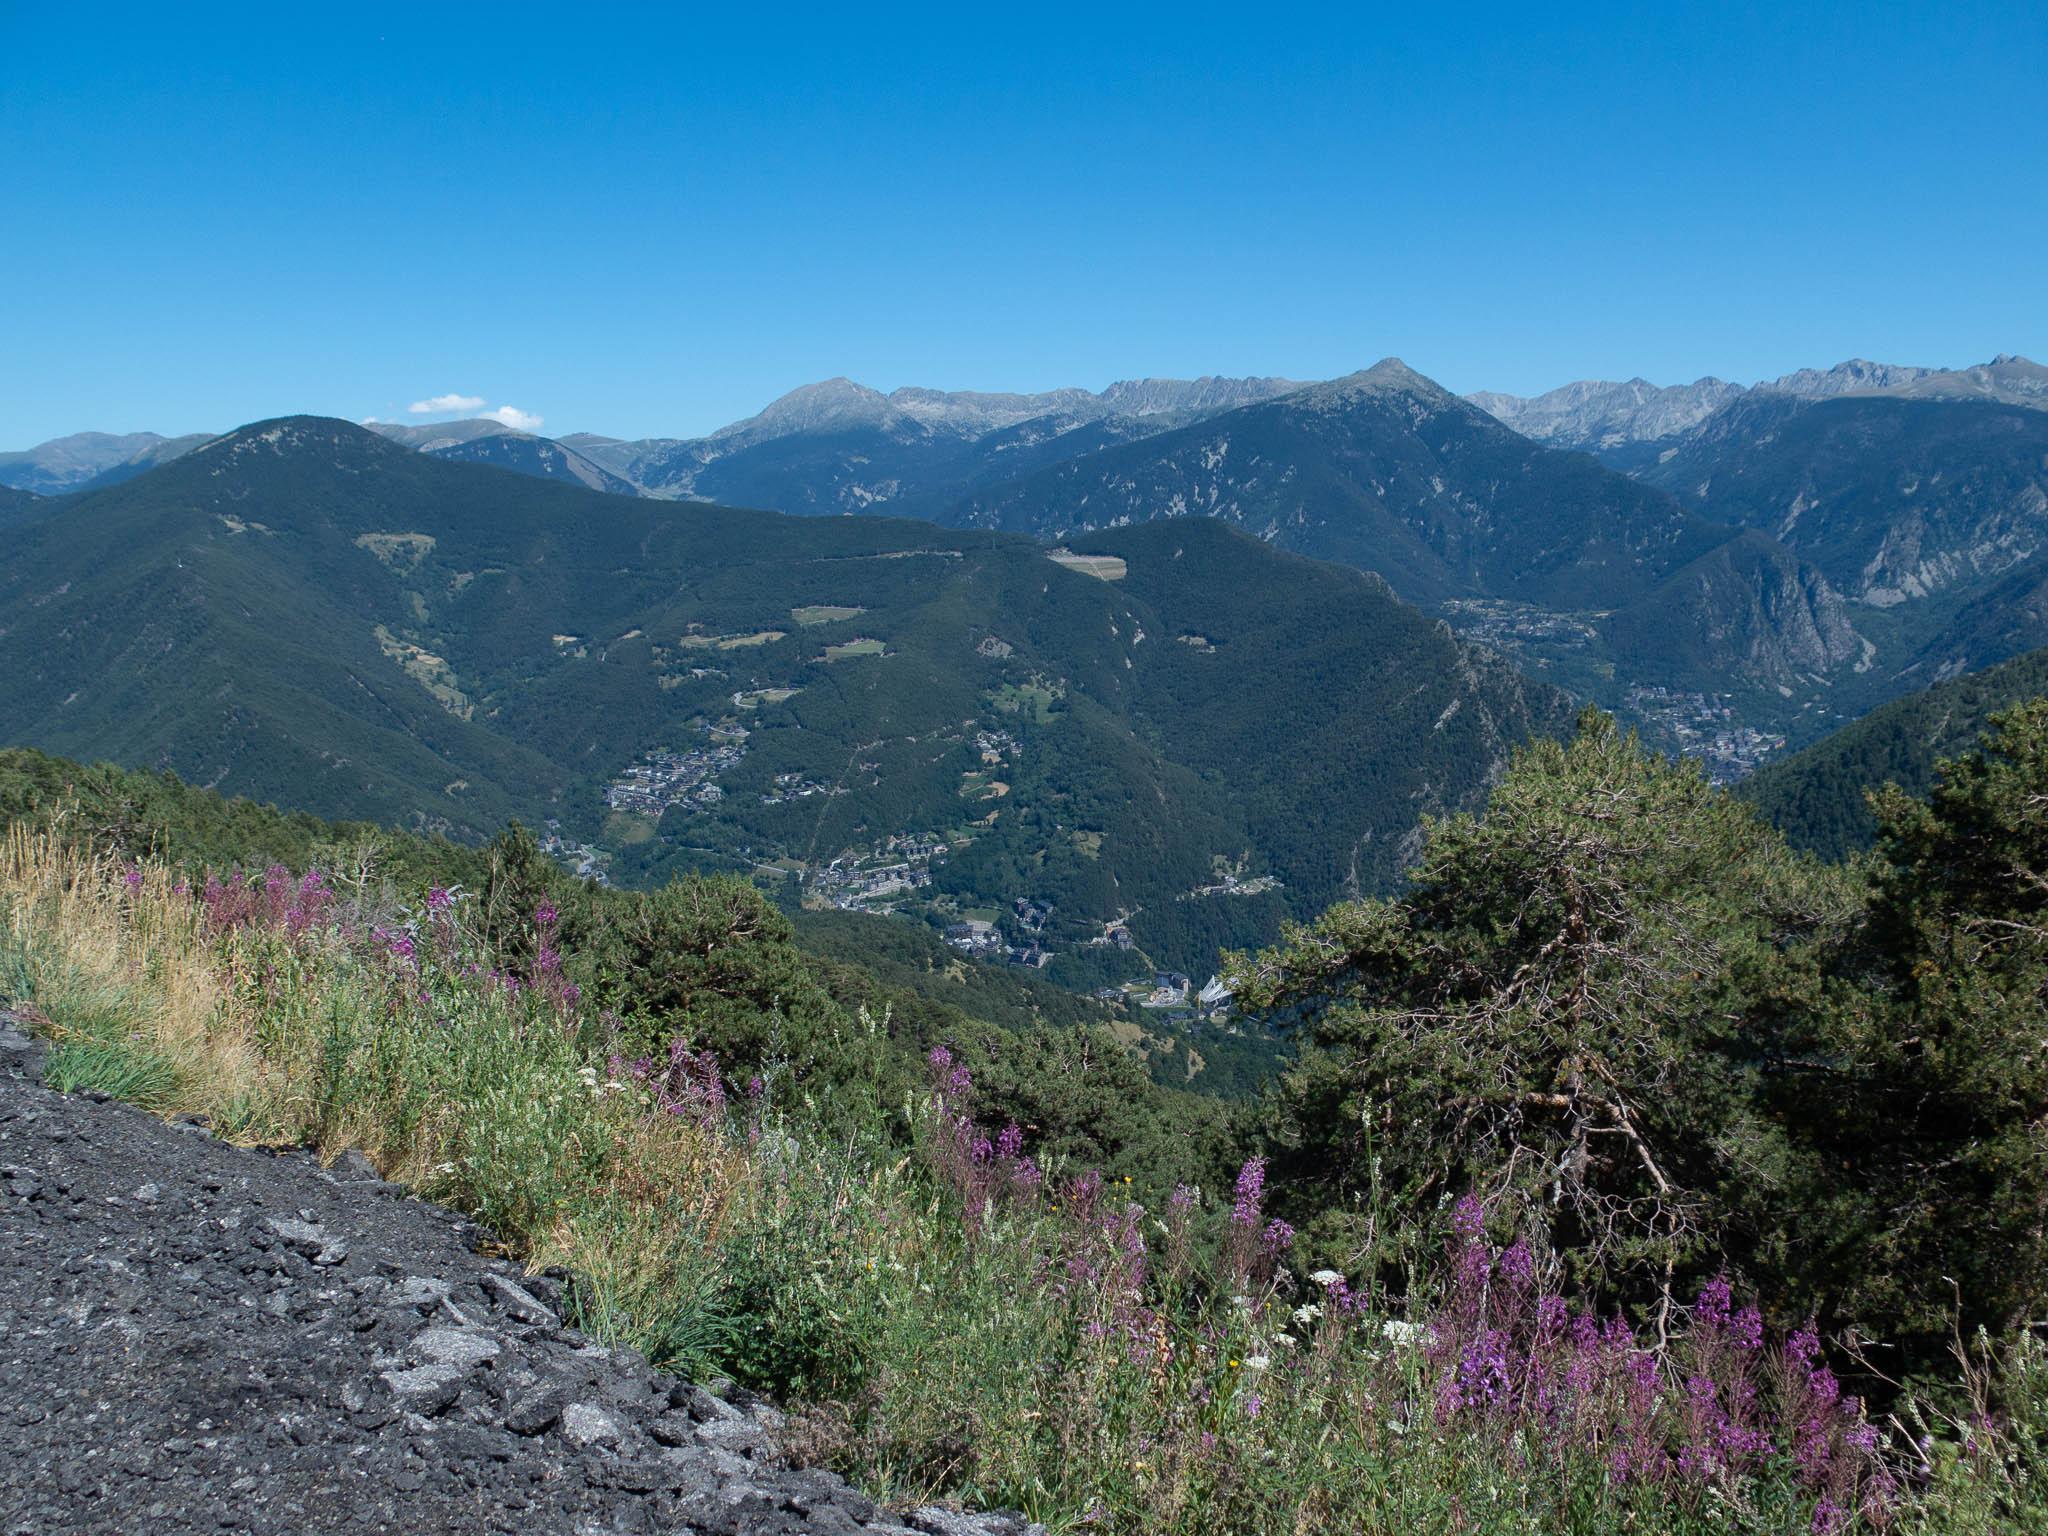 Andorra Vallnord Aussicht auf den Bergen, im Vordergrund lila Blumen